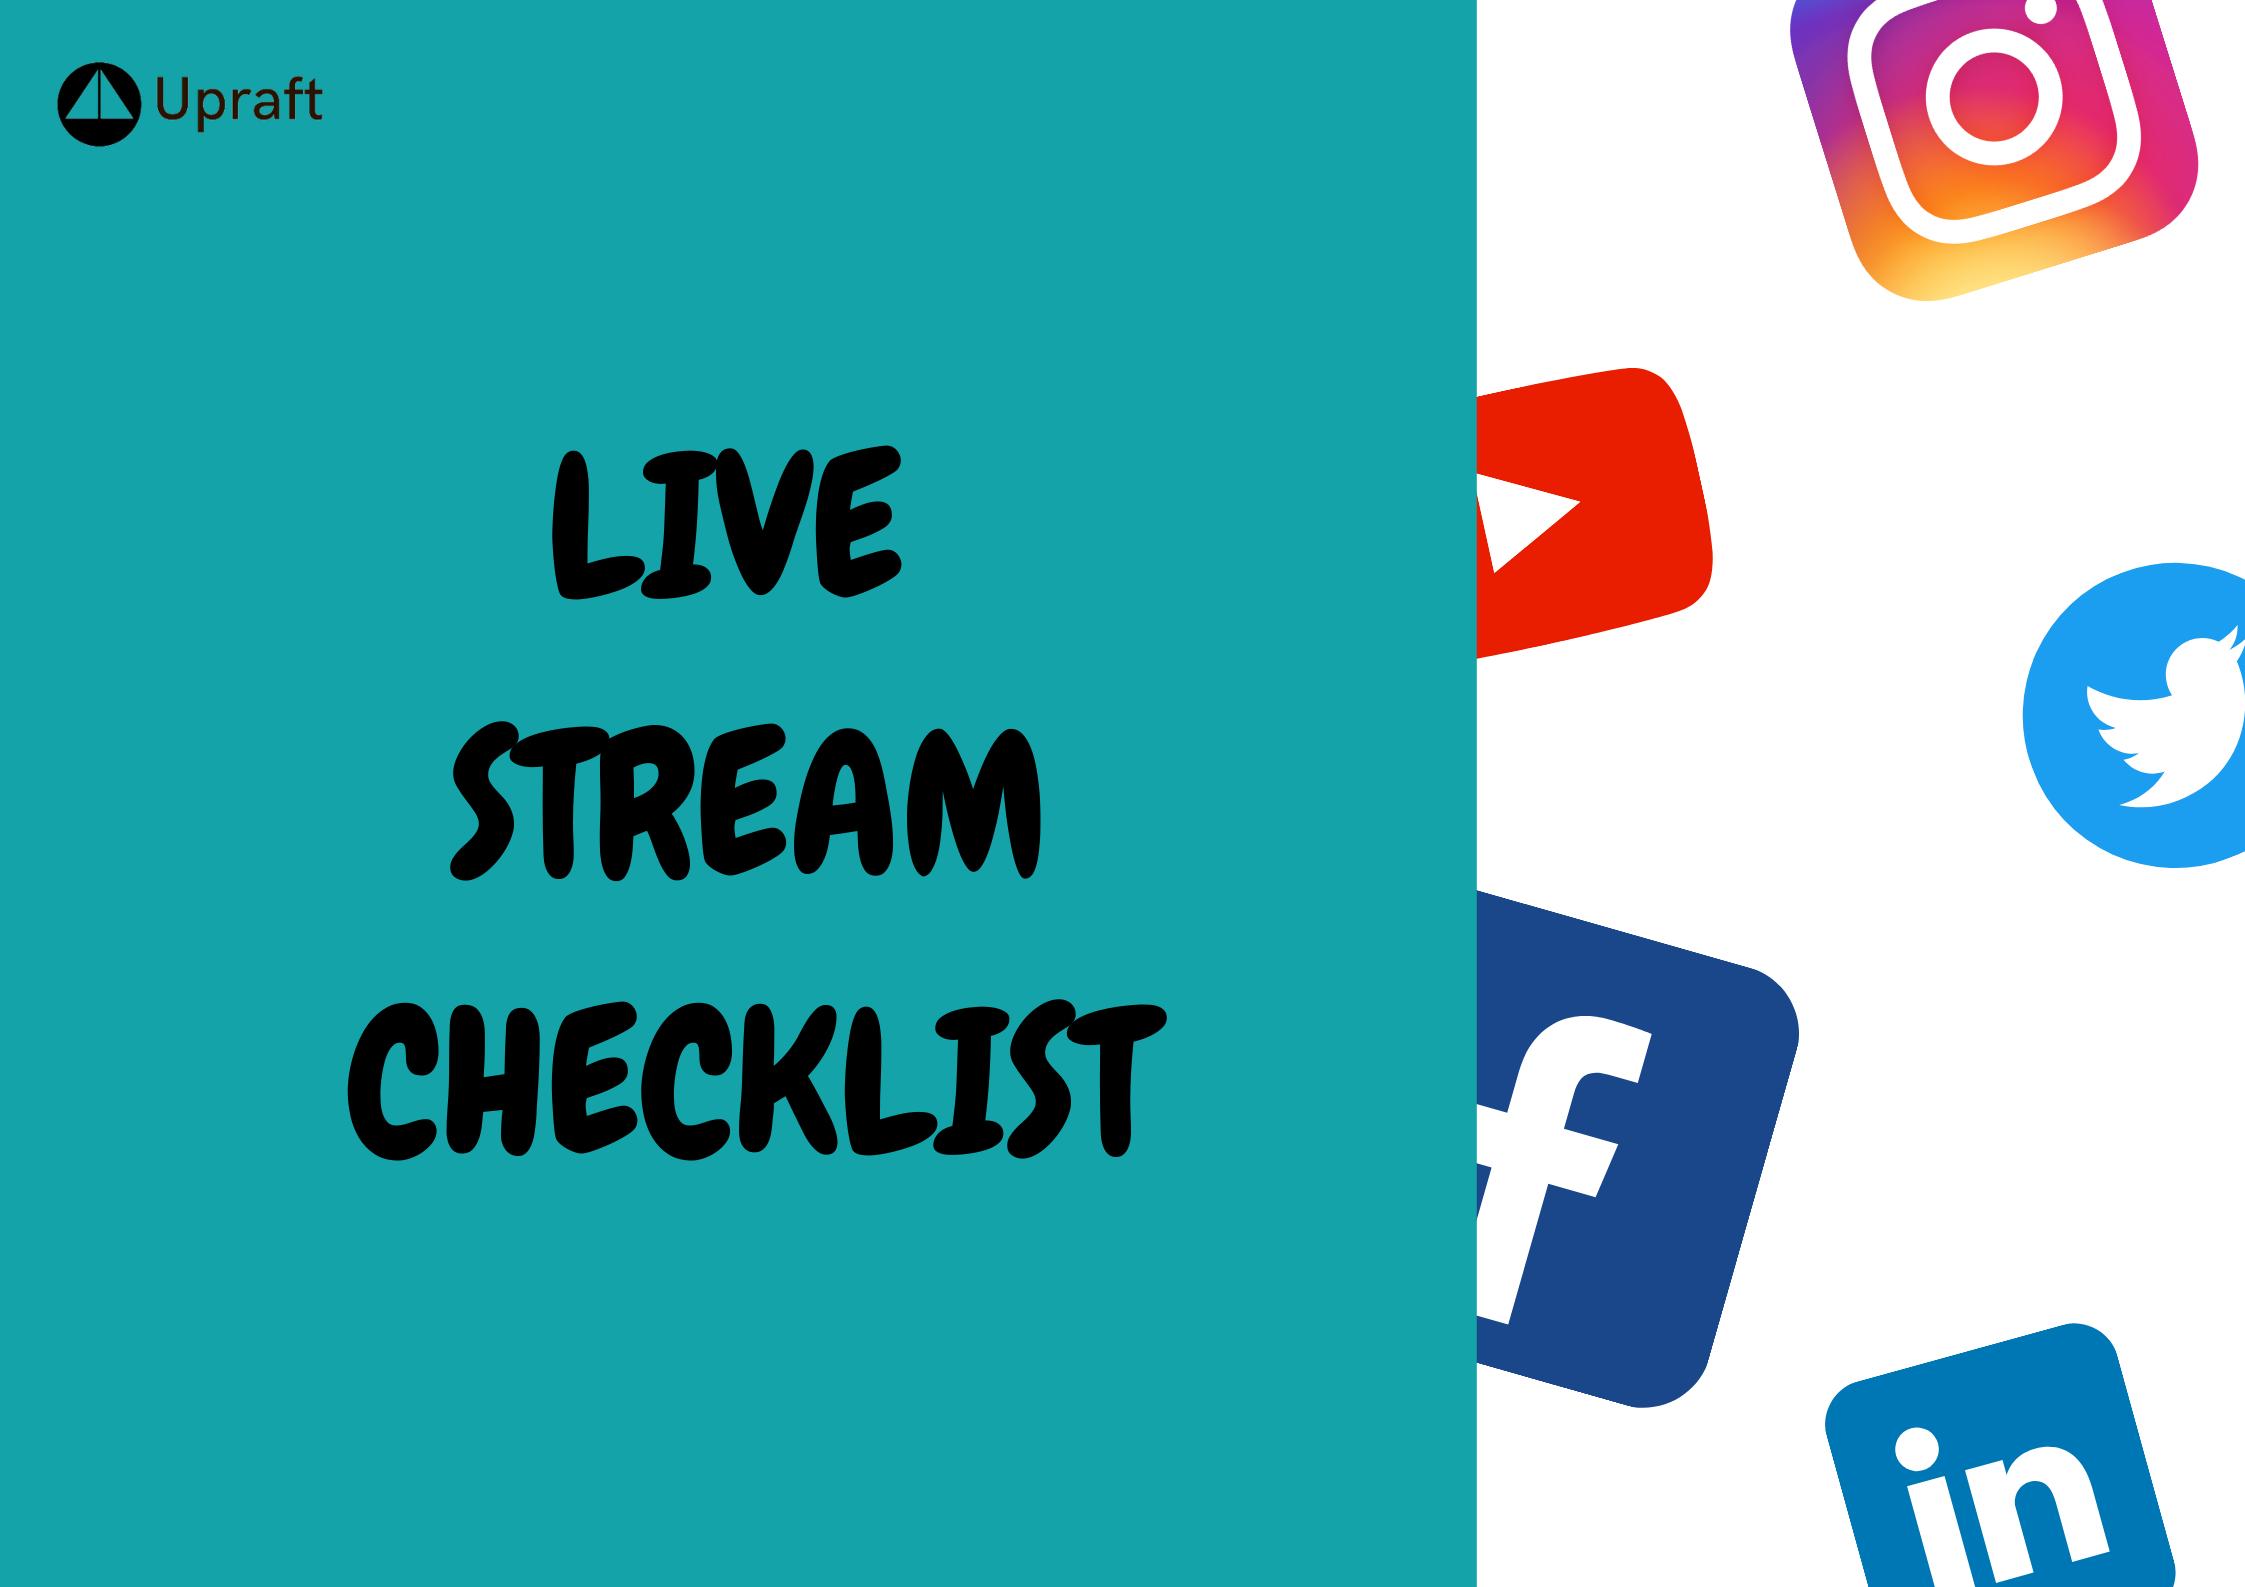 Checklist for Successful Live Stream